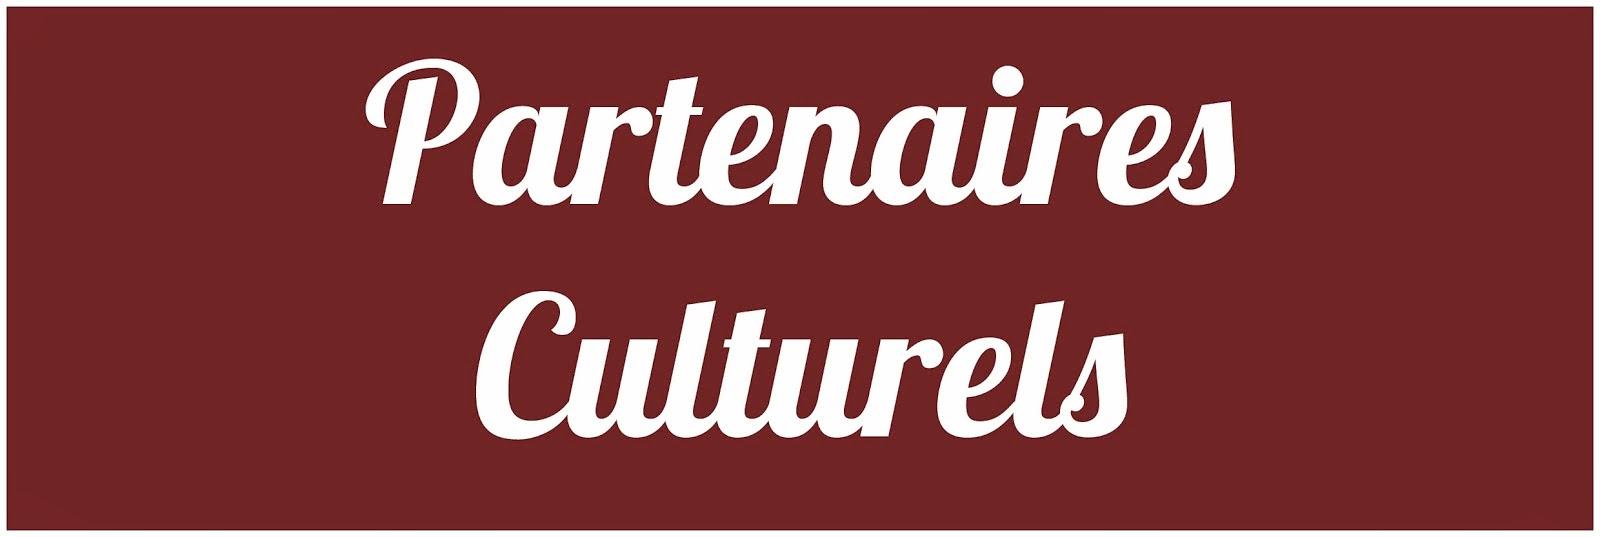 Partenaires Culturels